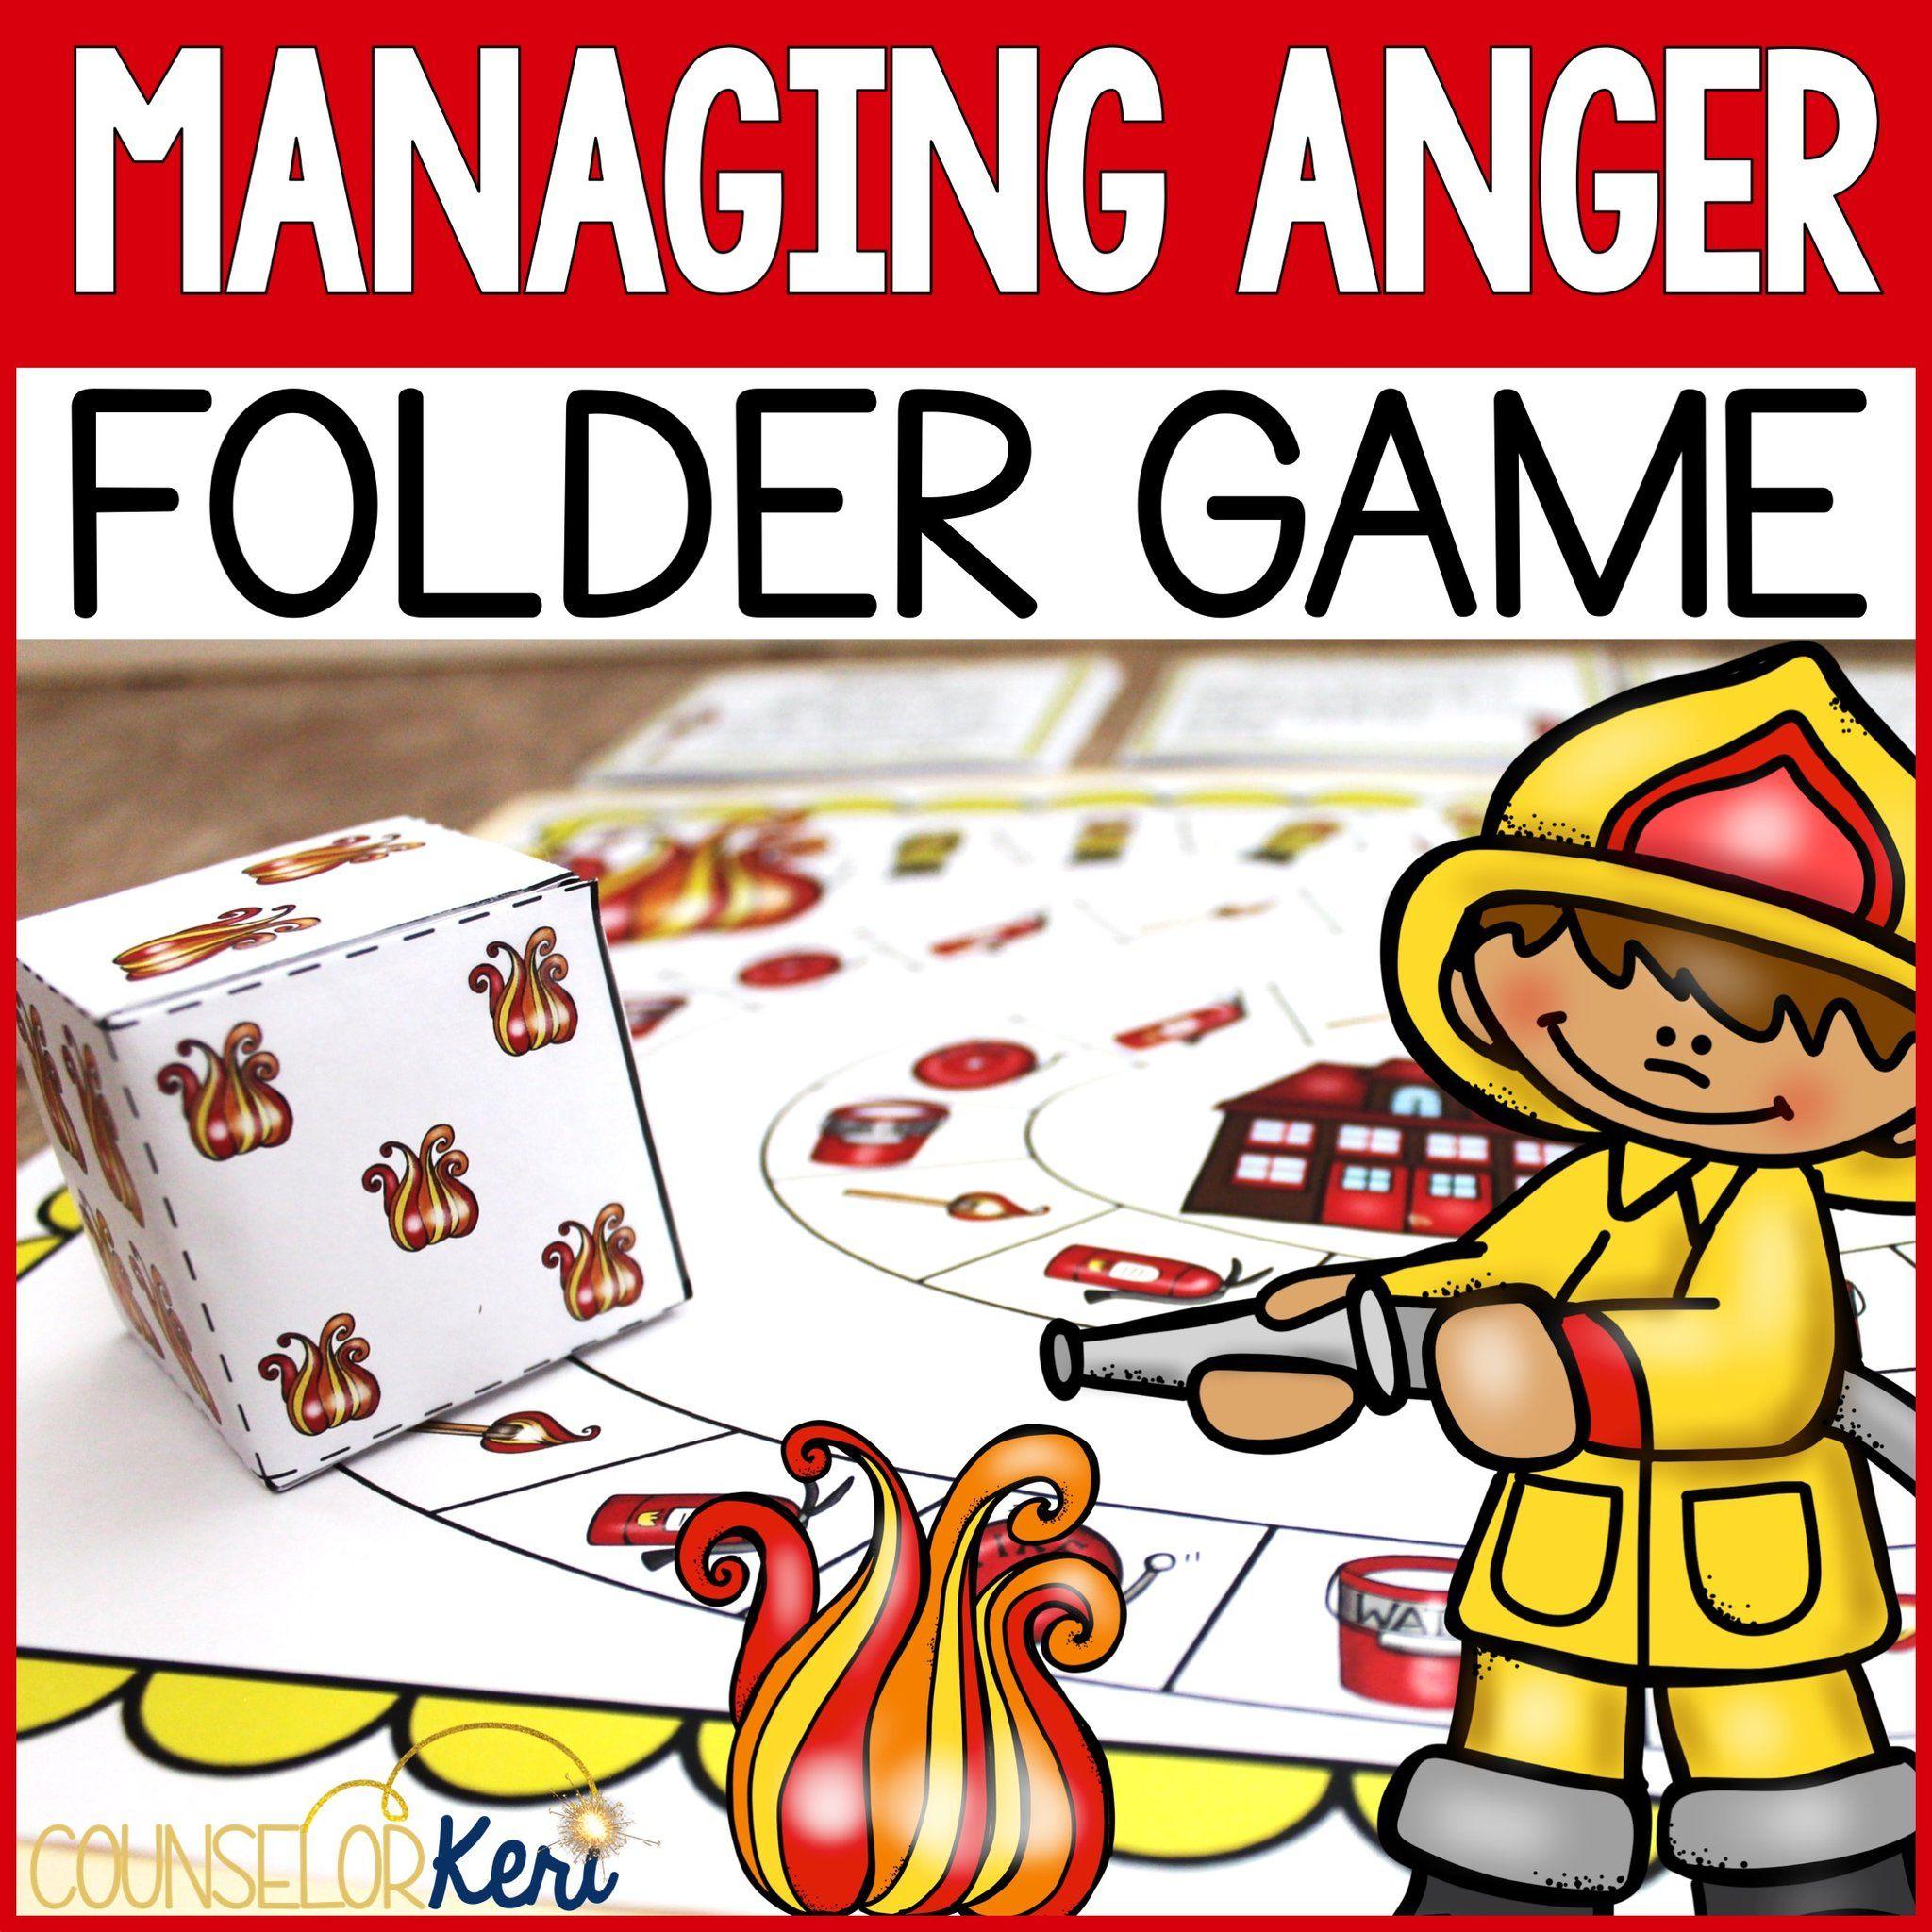 Managing Anger Folder Game For Elementary School